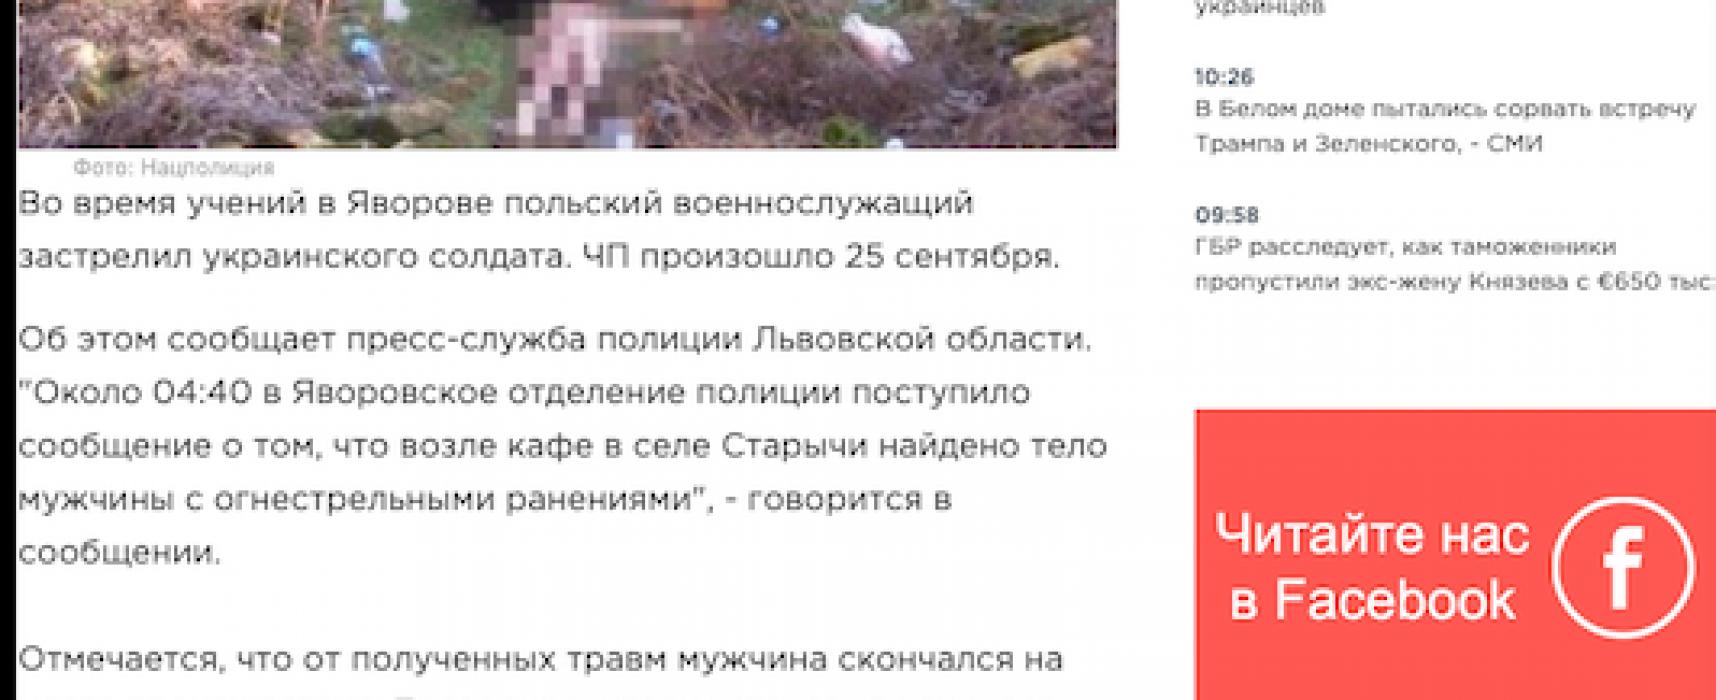 Фейк: Под Львовом польский военнослужащий застрелил украинского солдата